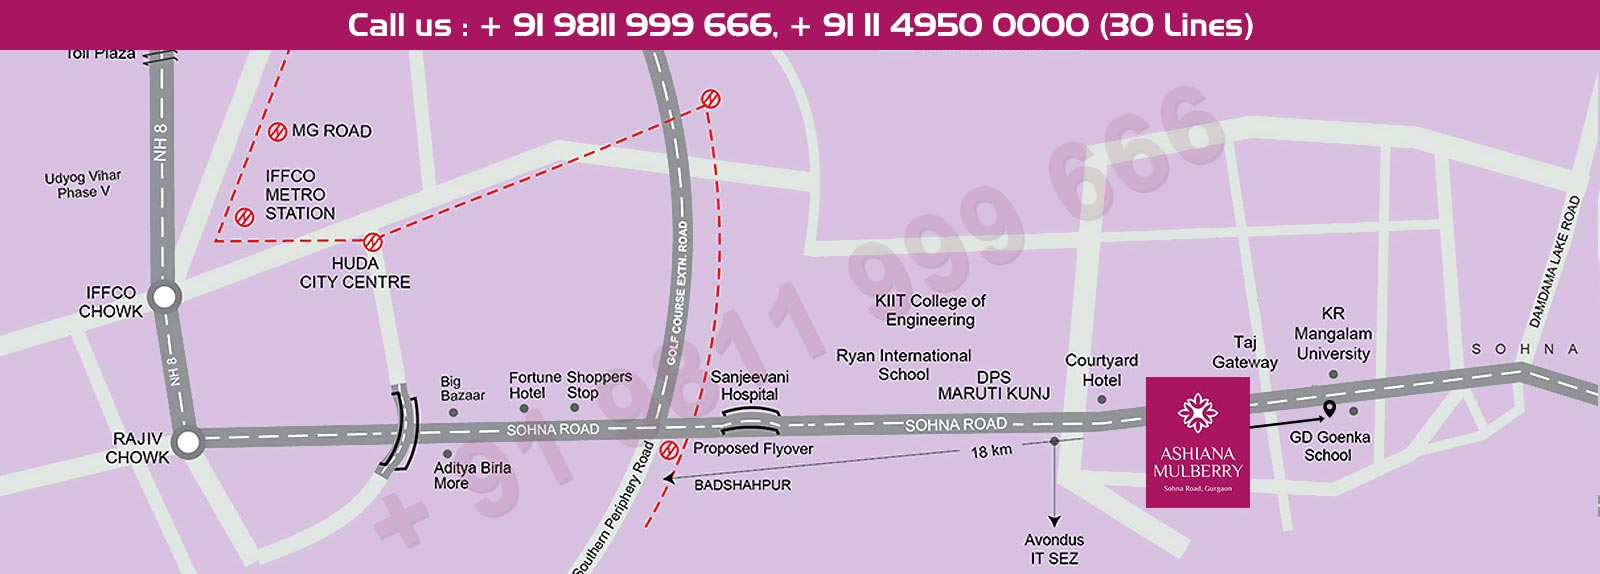 Ashiana Mulberry Location Map